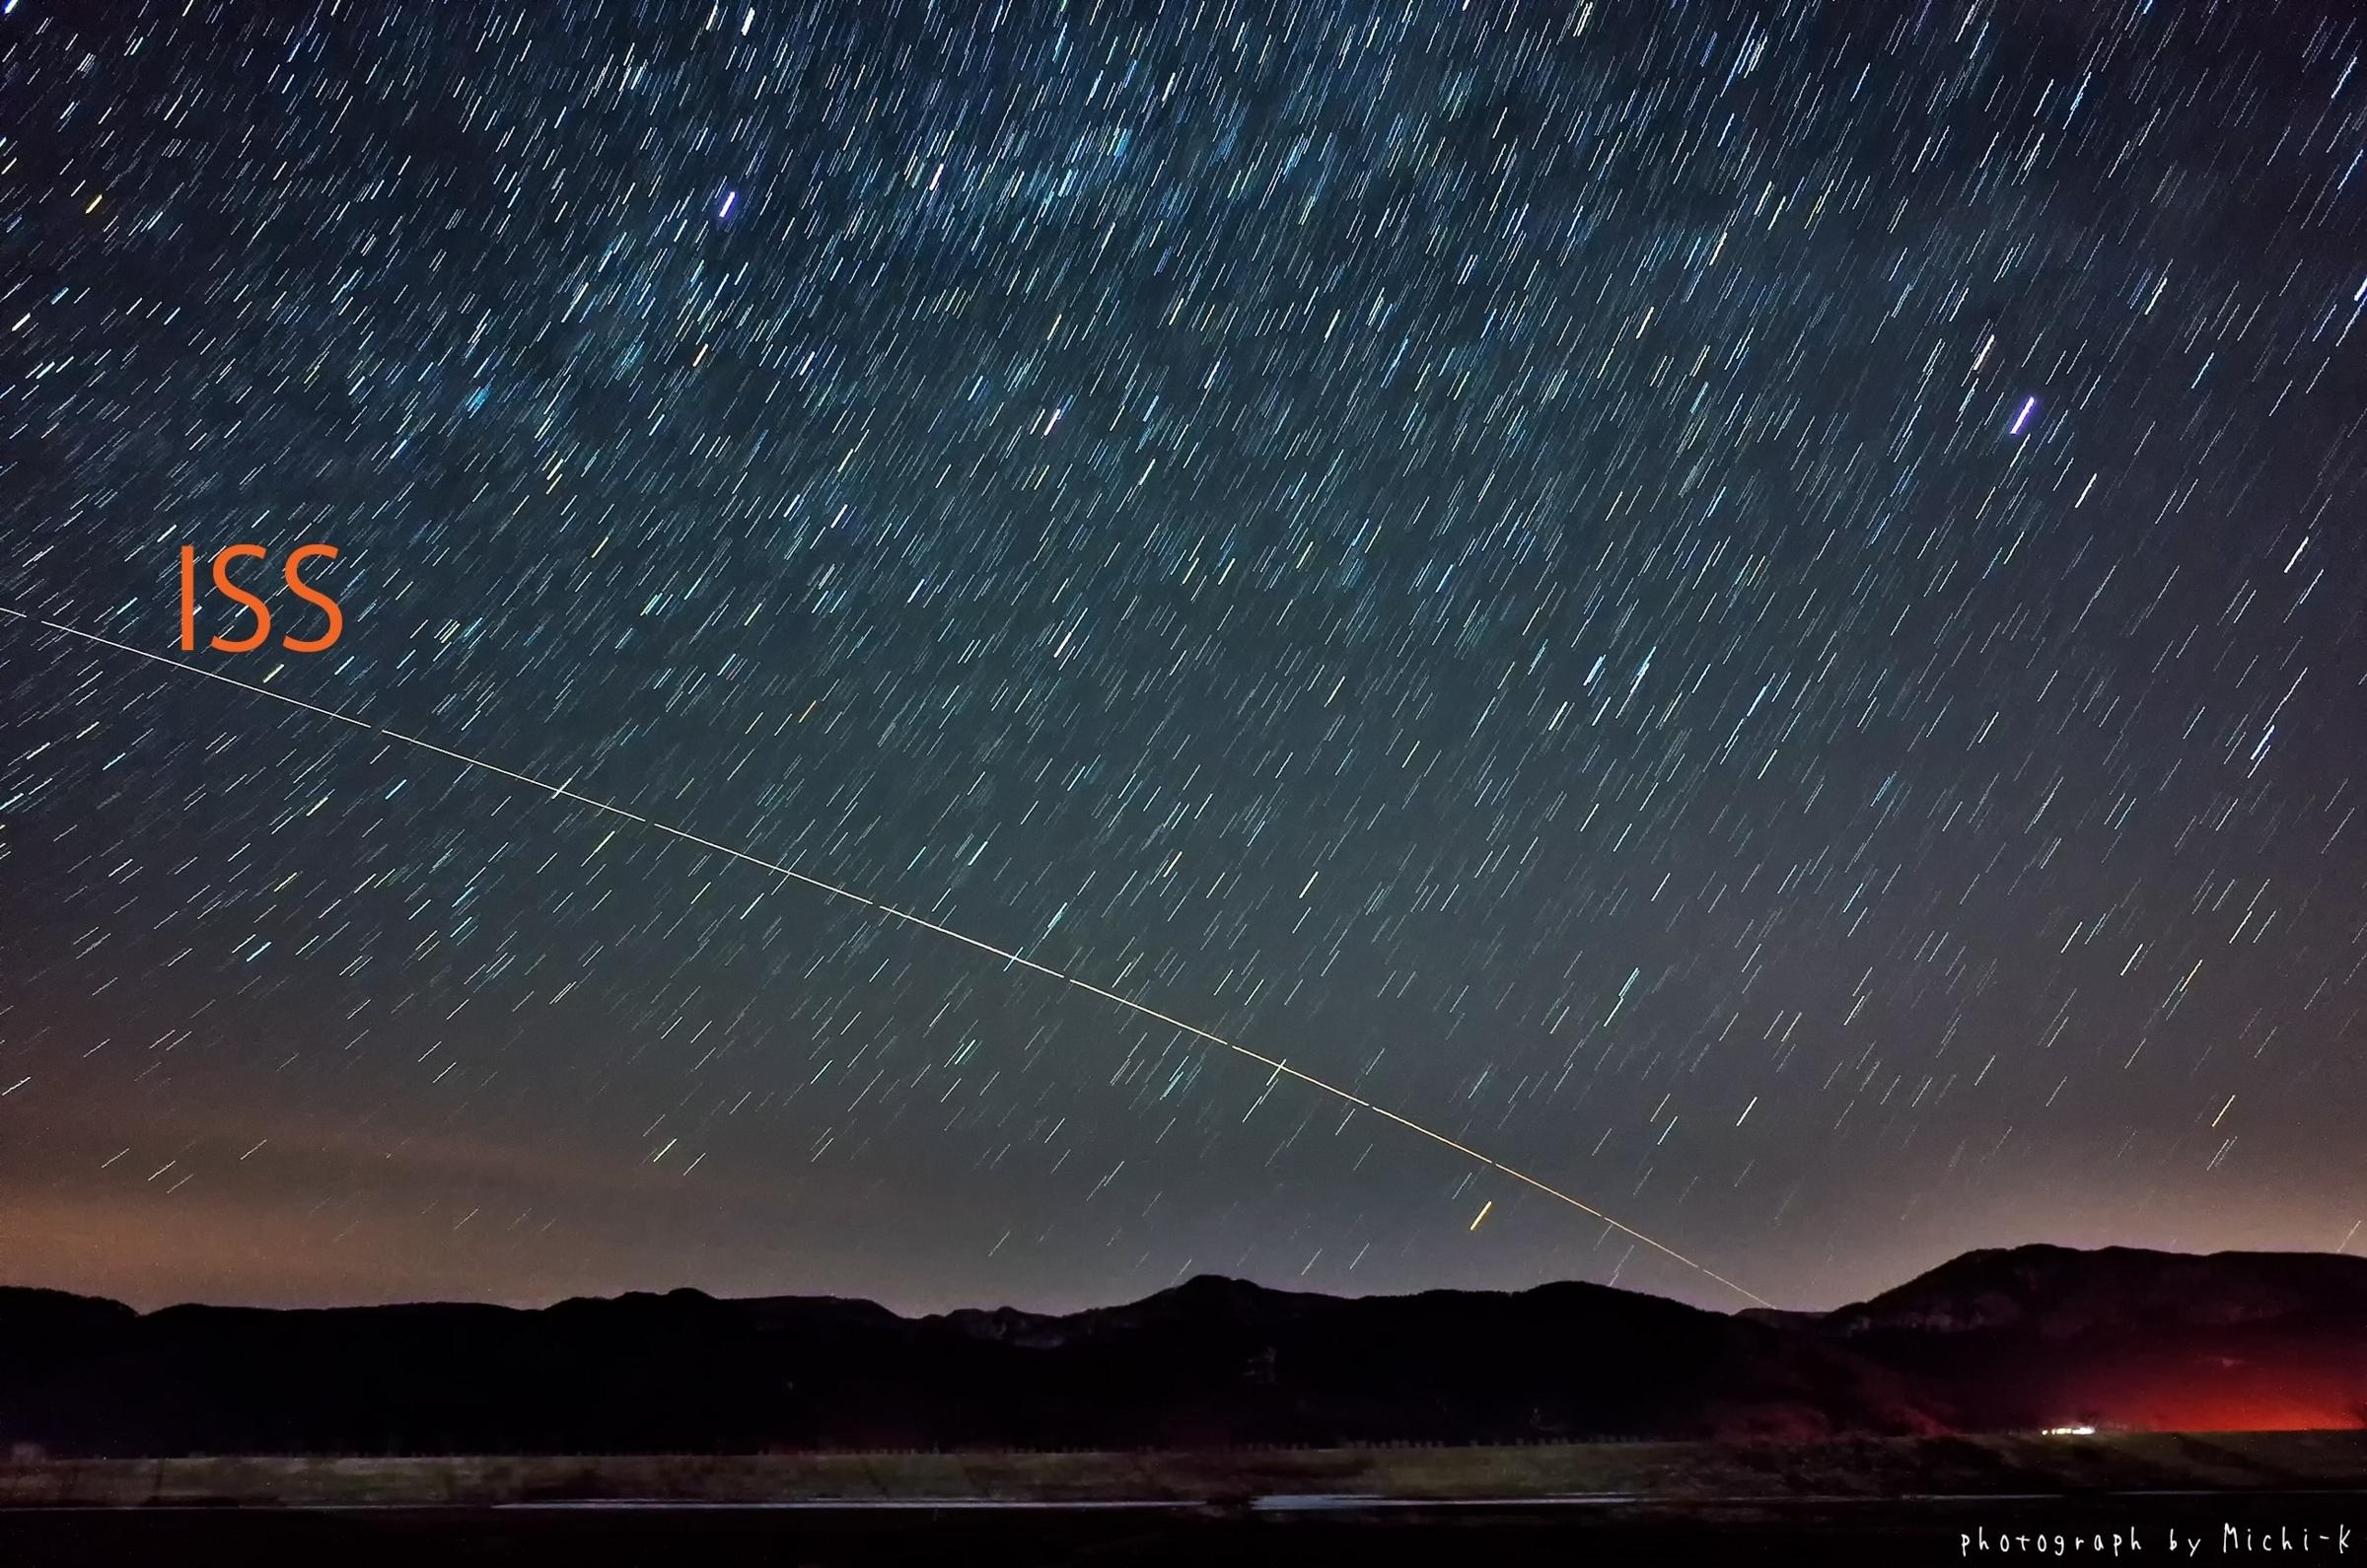 国際宇宙ステーション(ISS)の軌跡 2018年3月18日